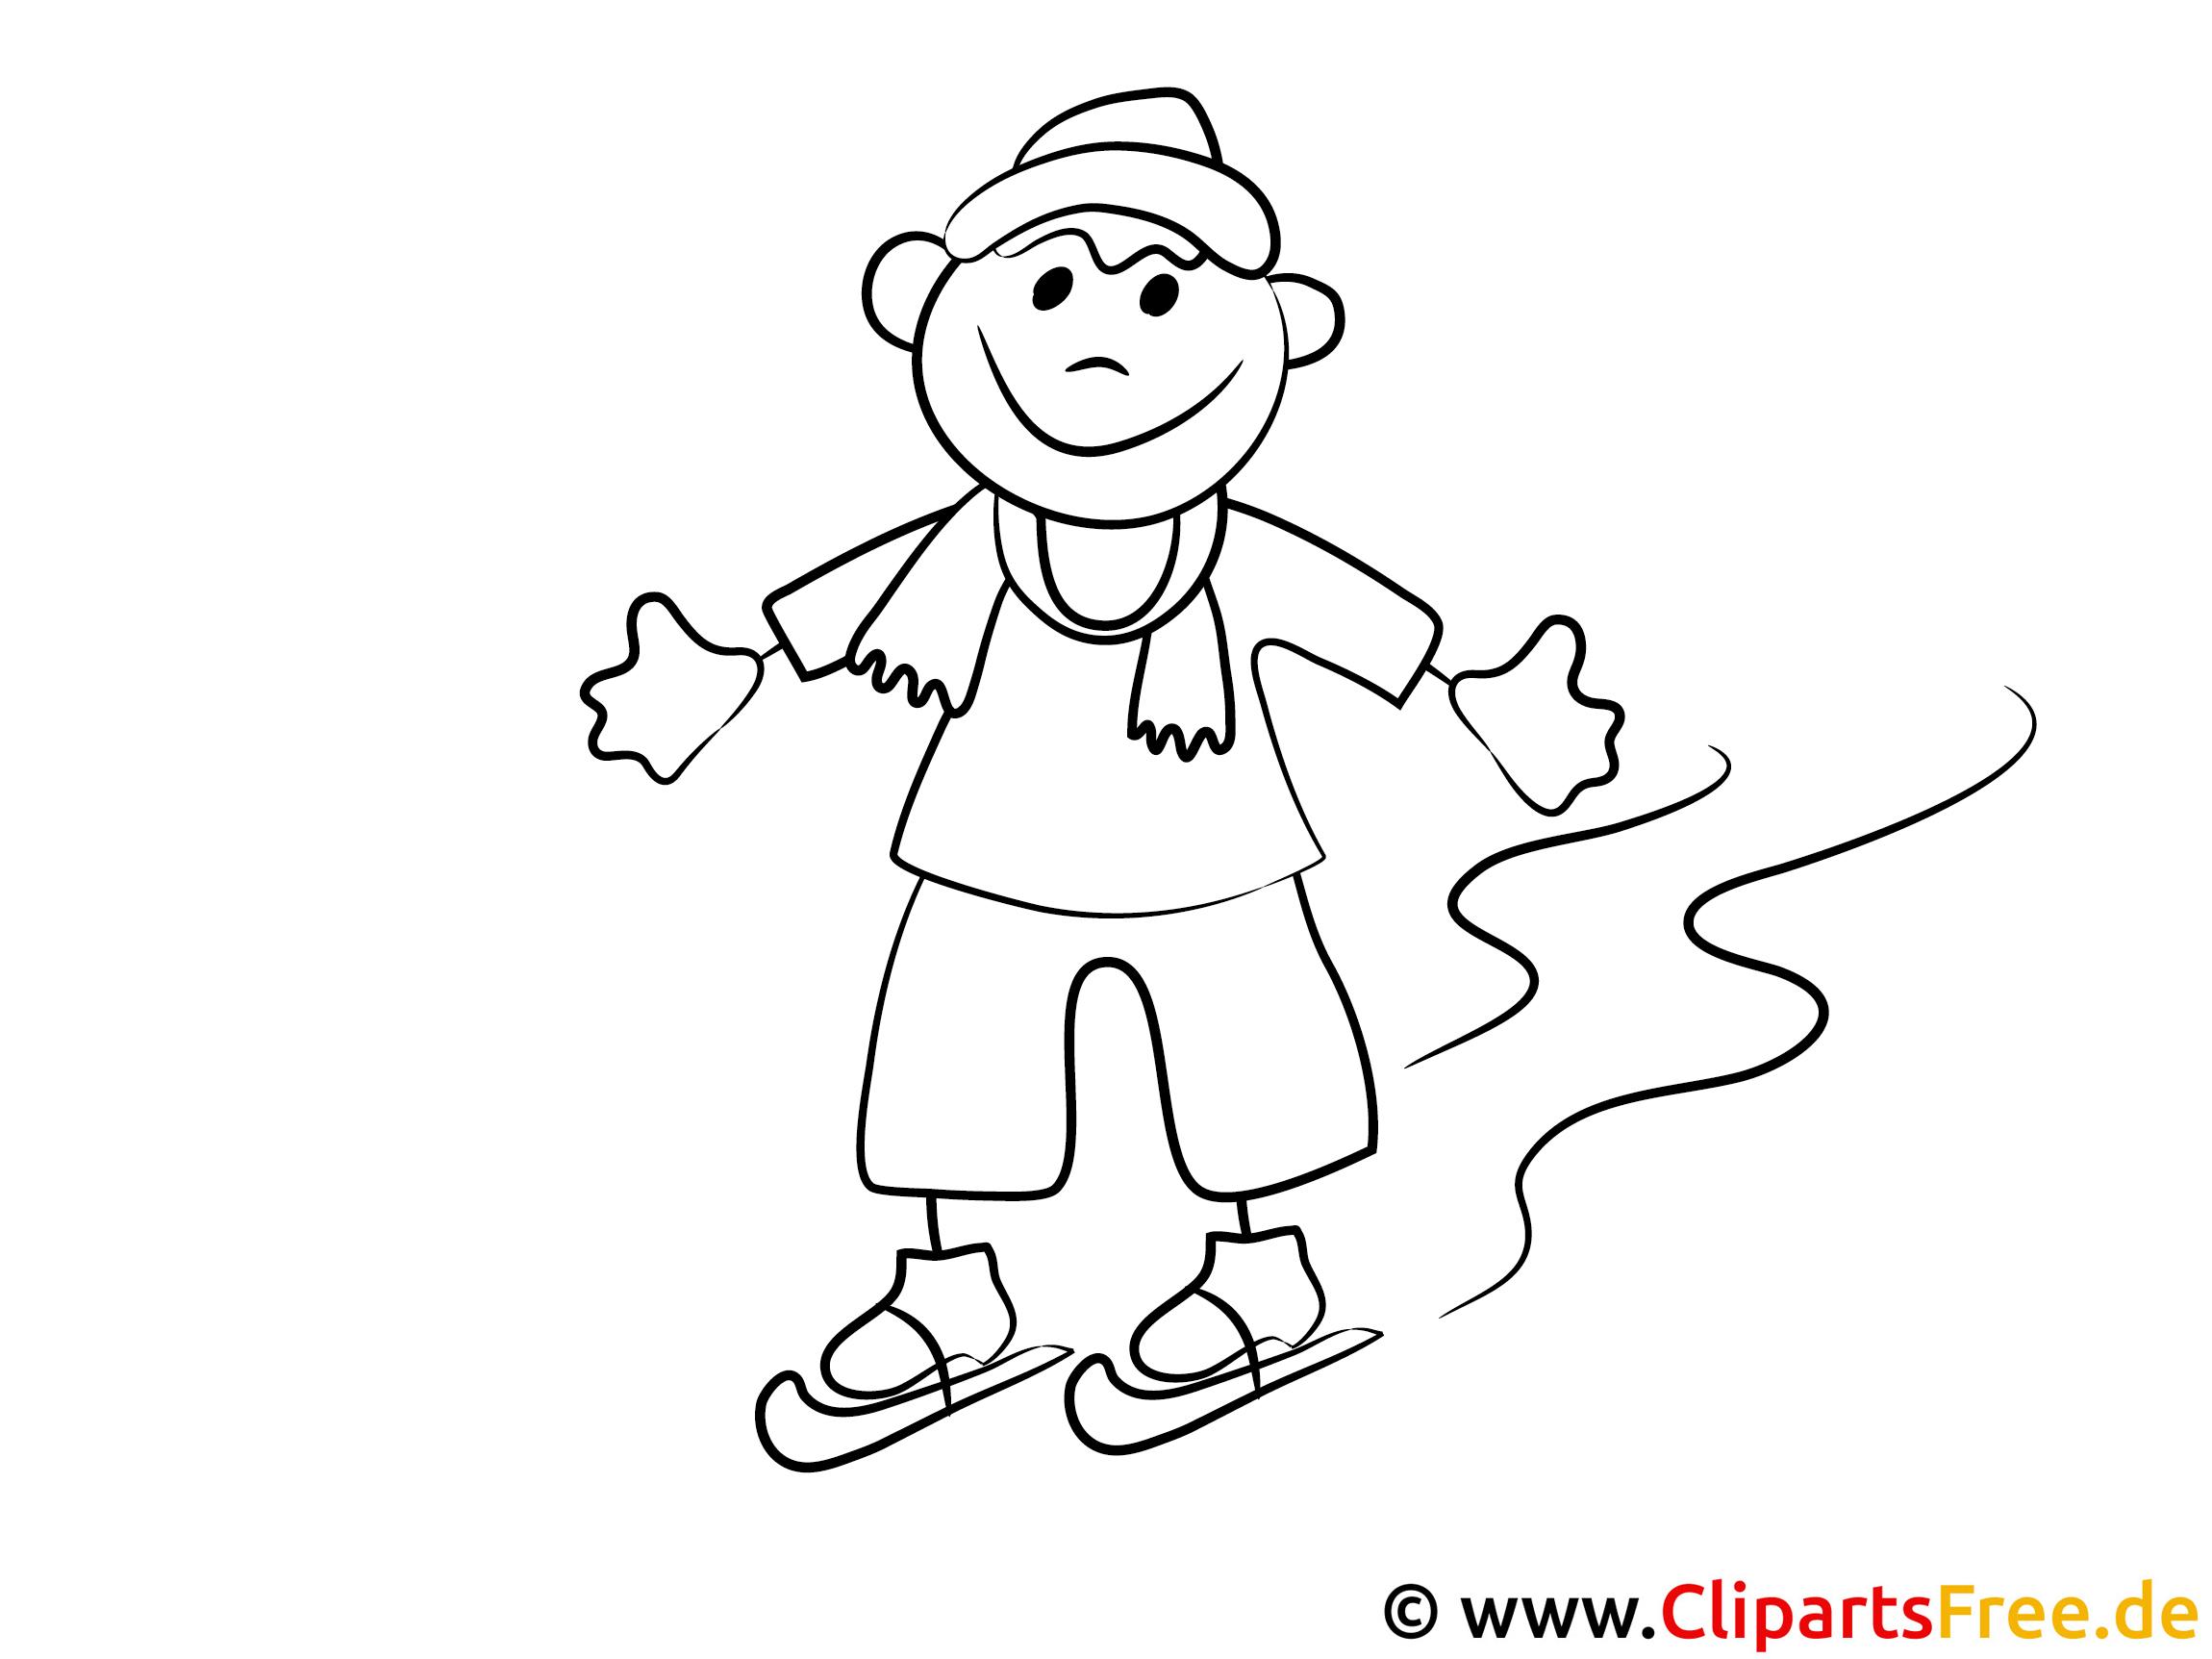 Junge läuft Schlittschuh Malvorlagen und kostenlose Ausmalbilder